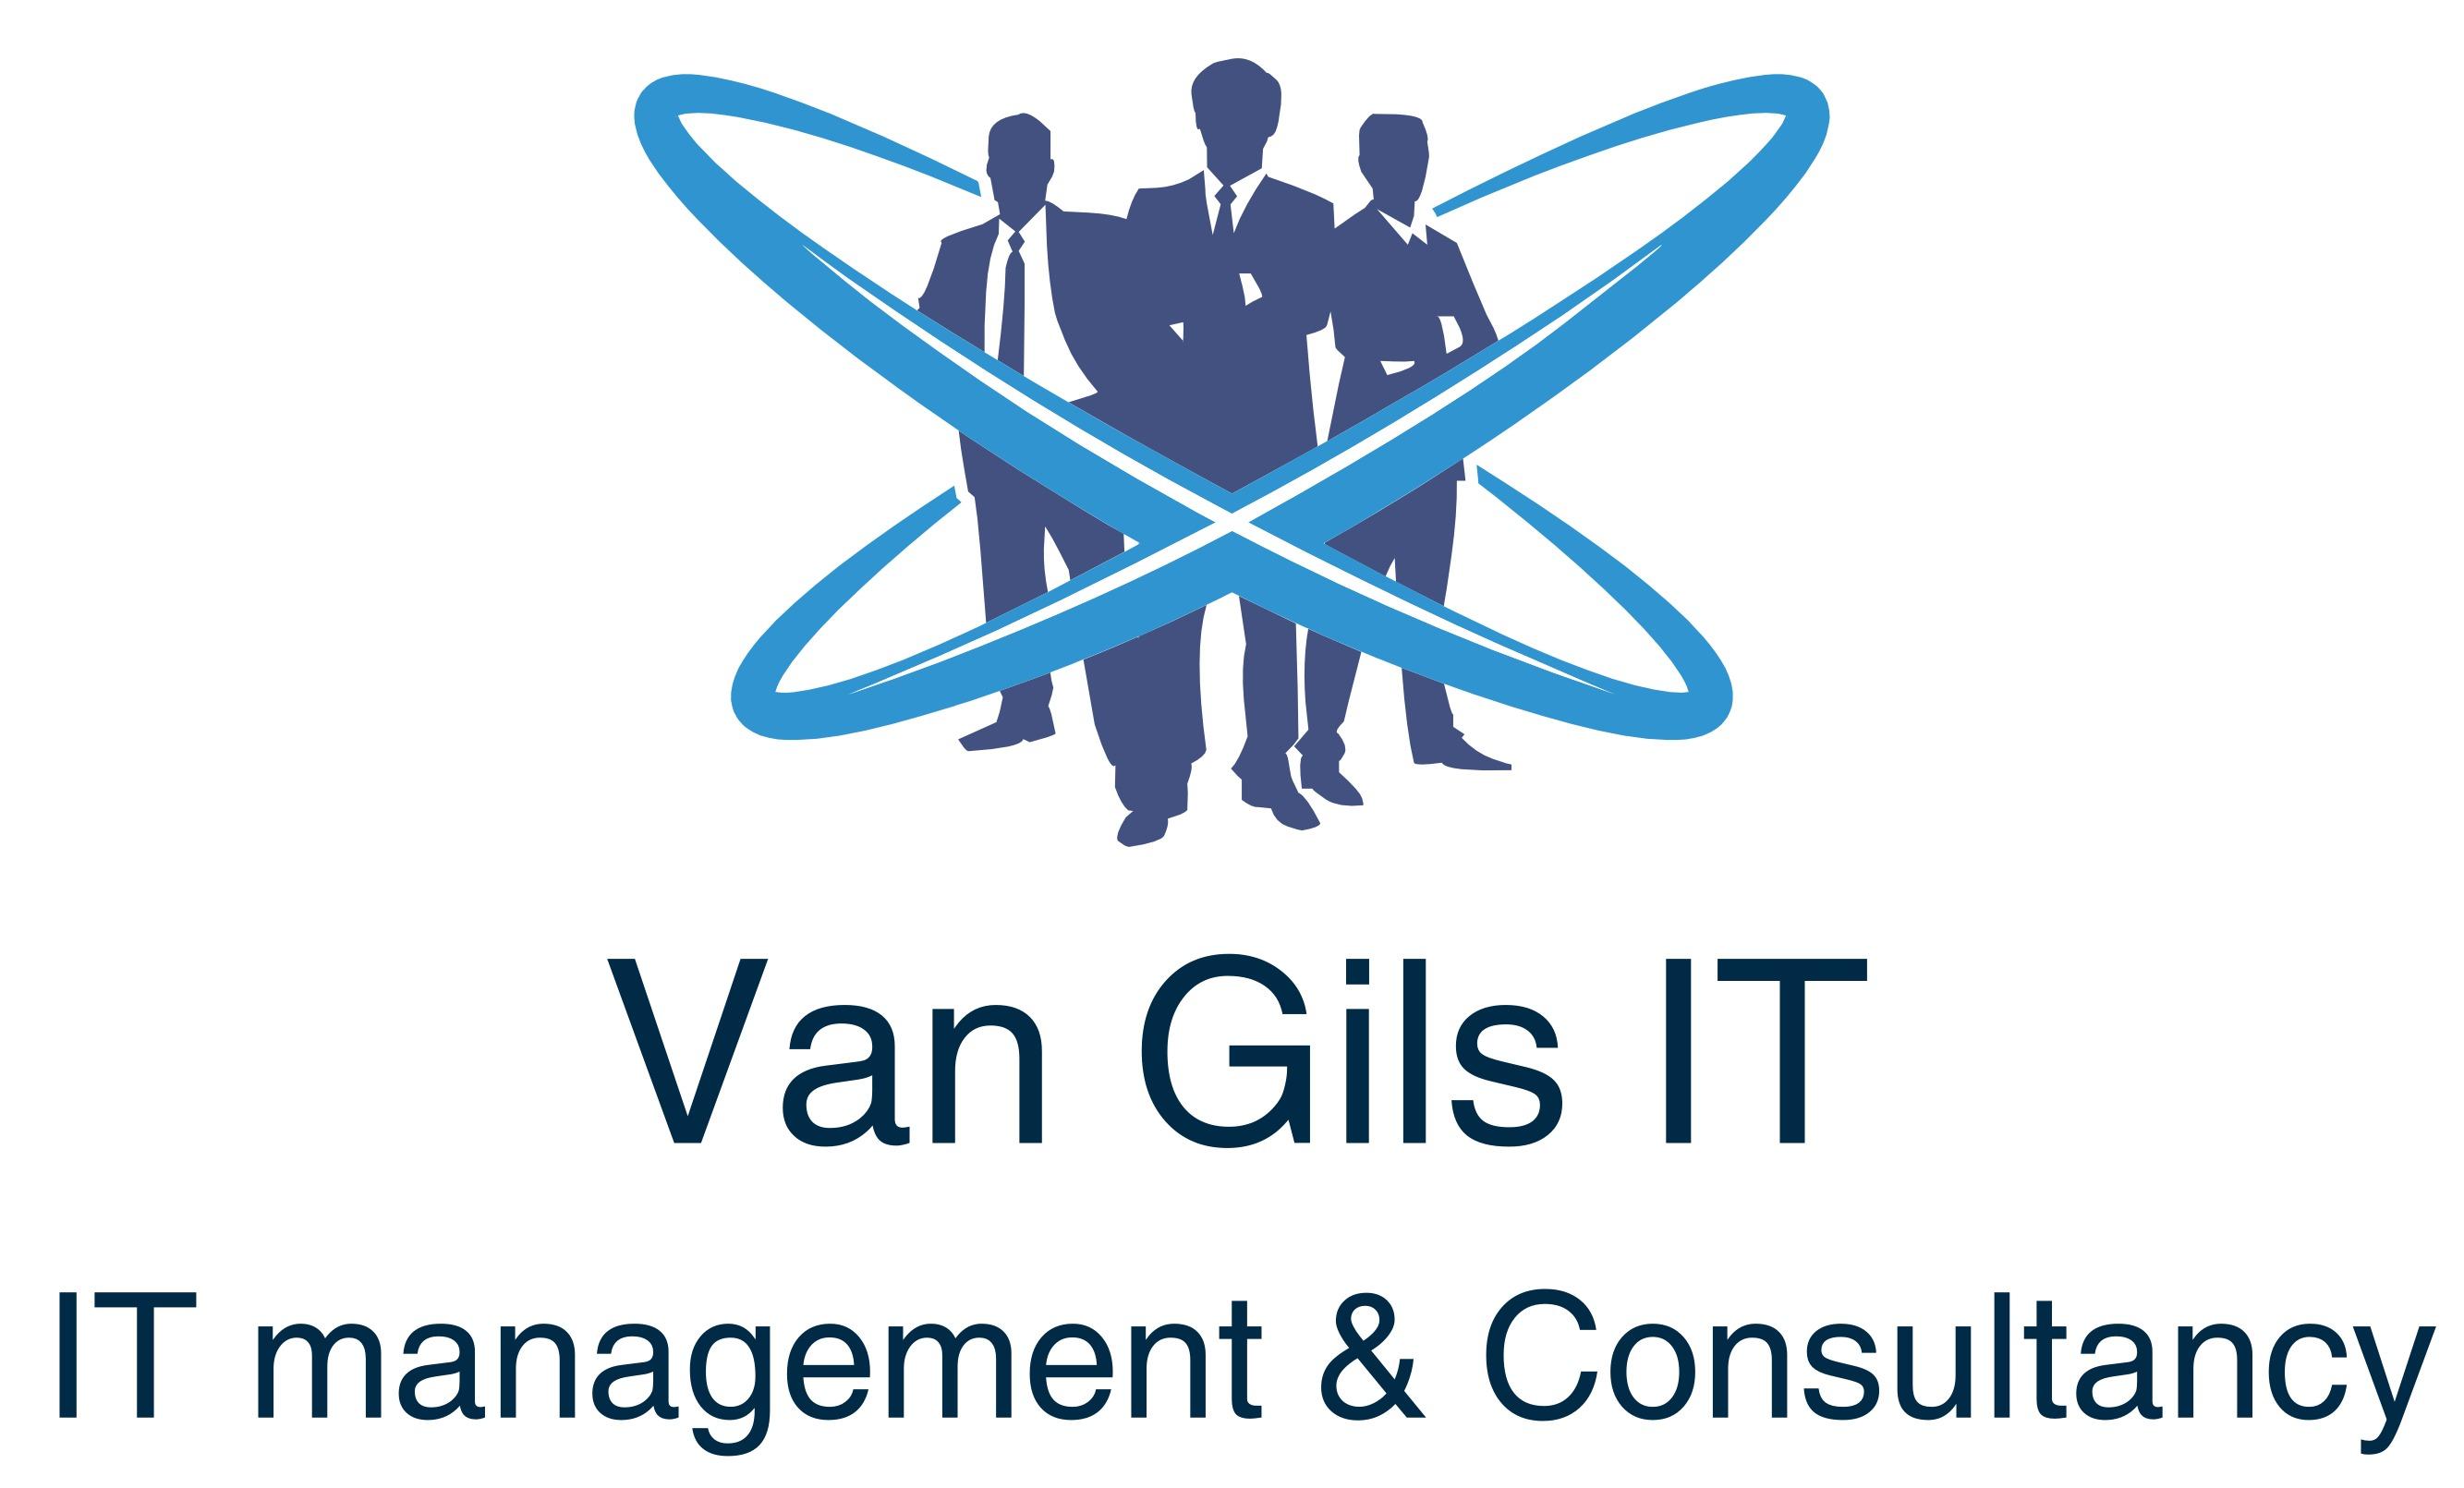 Van Gils IT